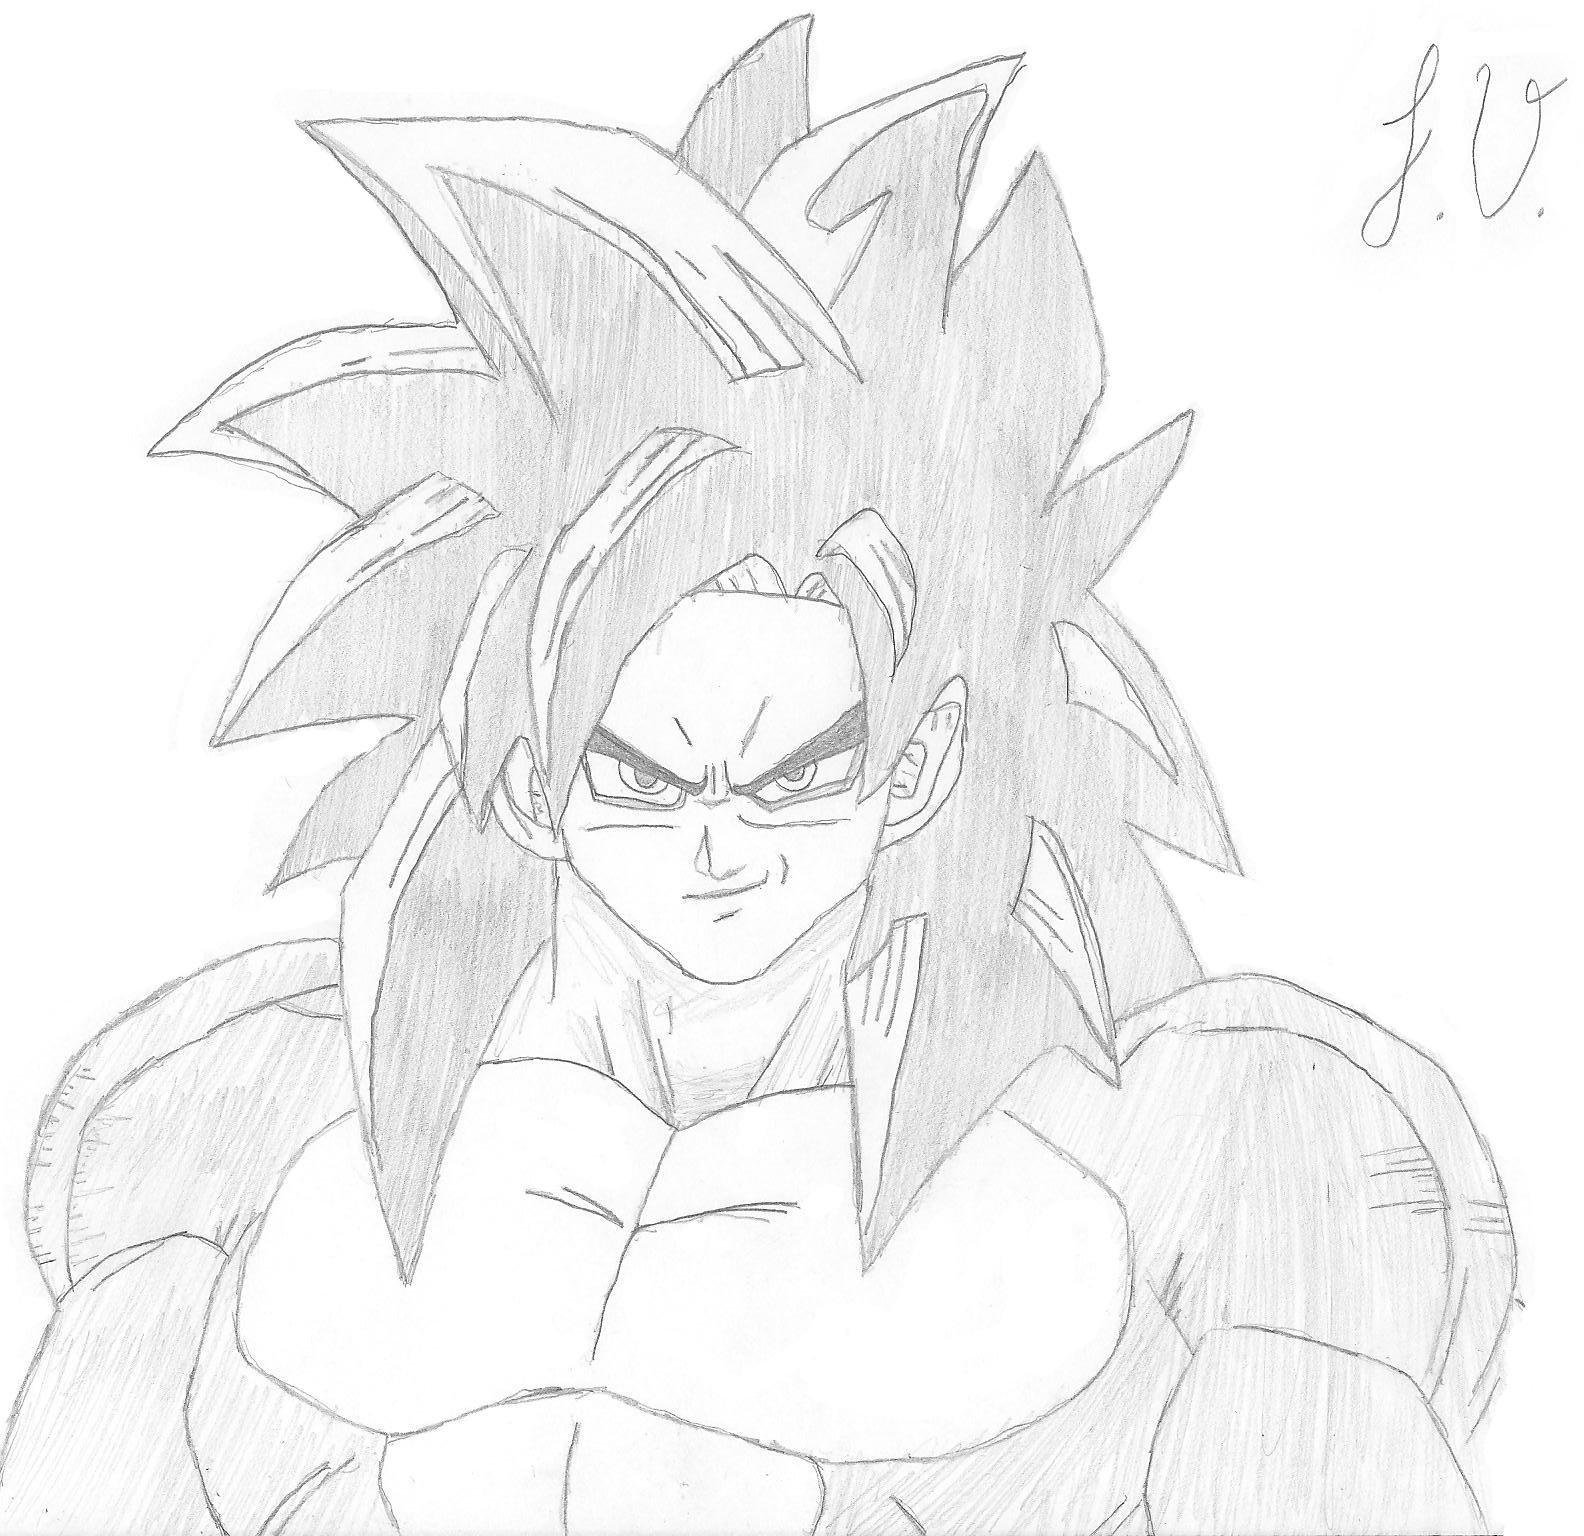 Goku Ssj4 By Johnnydavila On Deviantart